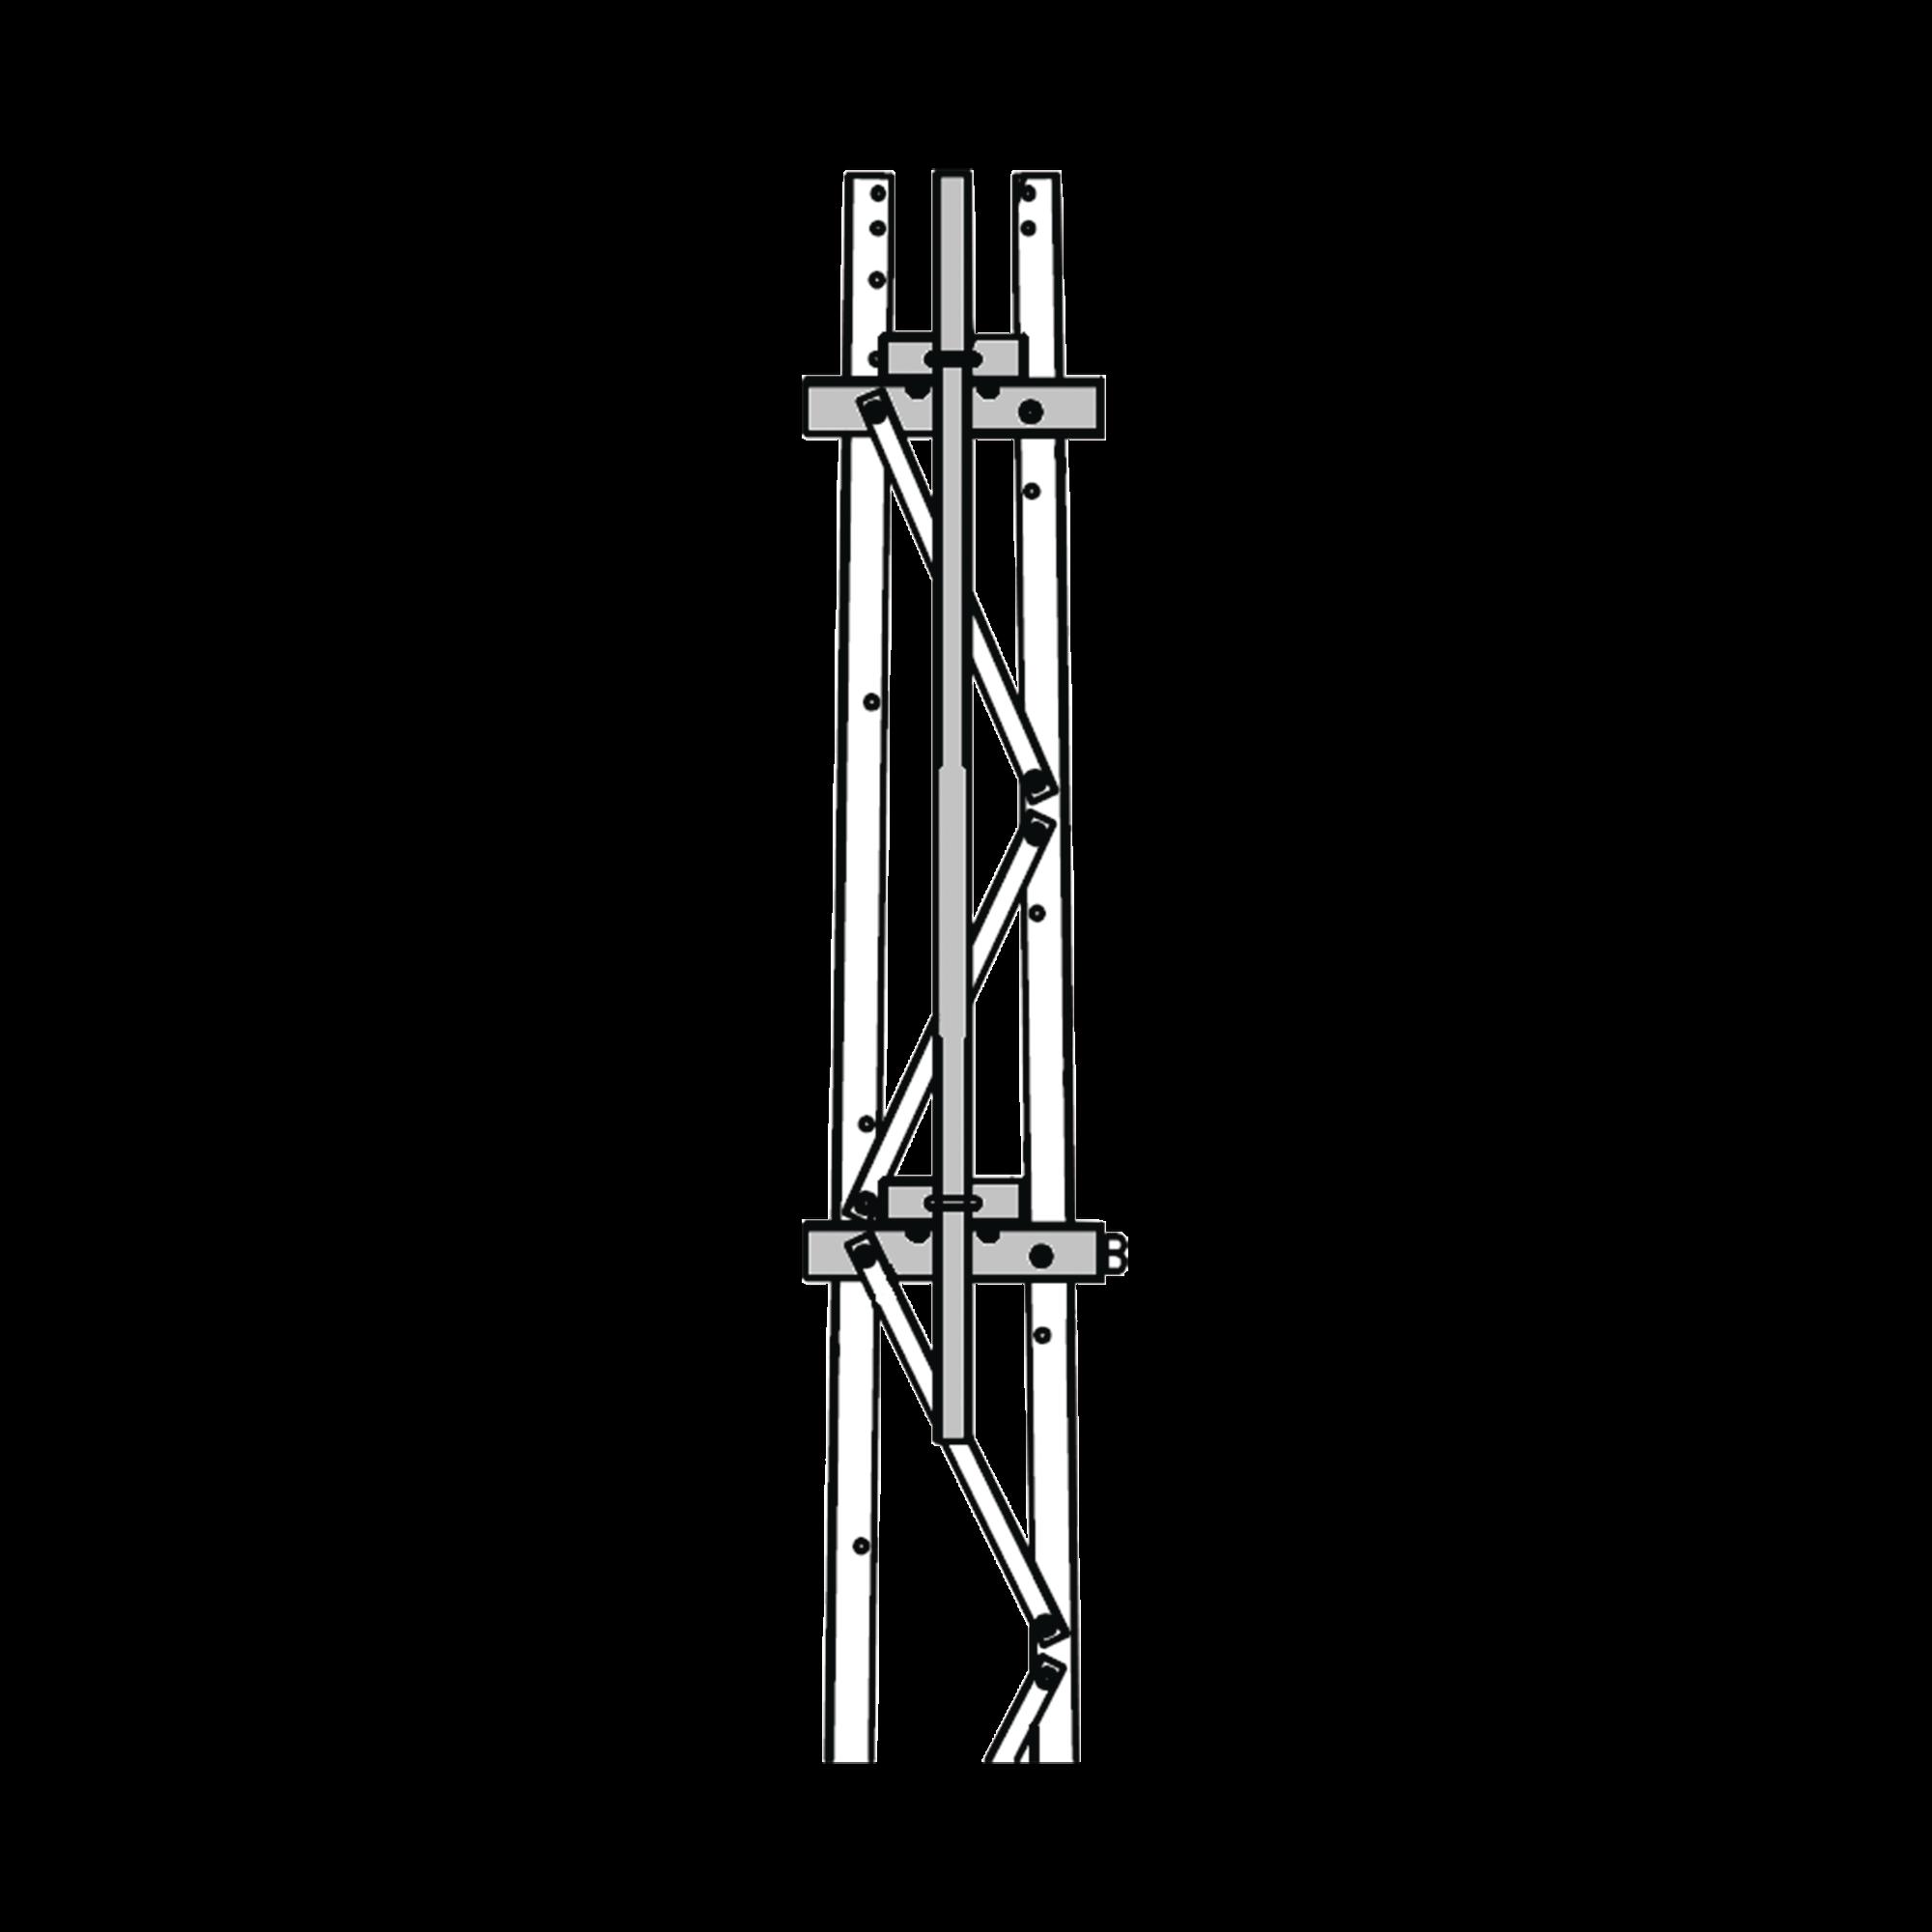 Mástil 2-3/8 x 1.8 m para Montaje en Cara de Torre Super Titan Secciones 3 a 7.